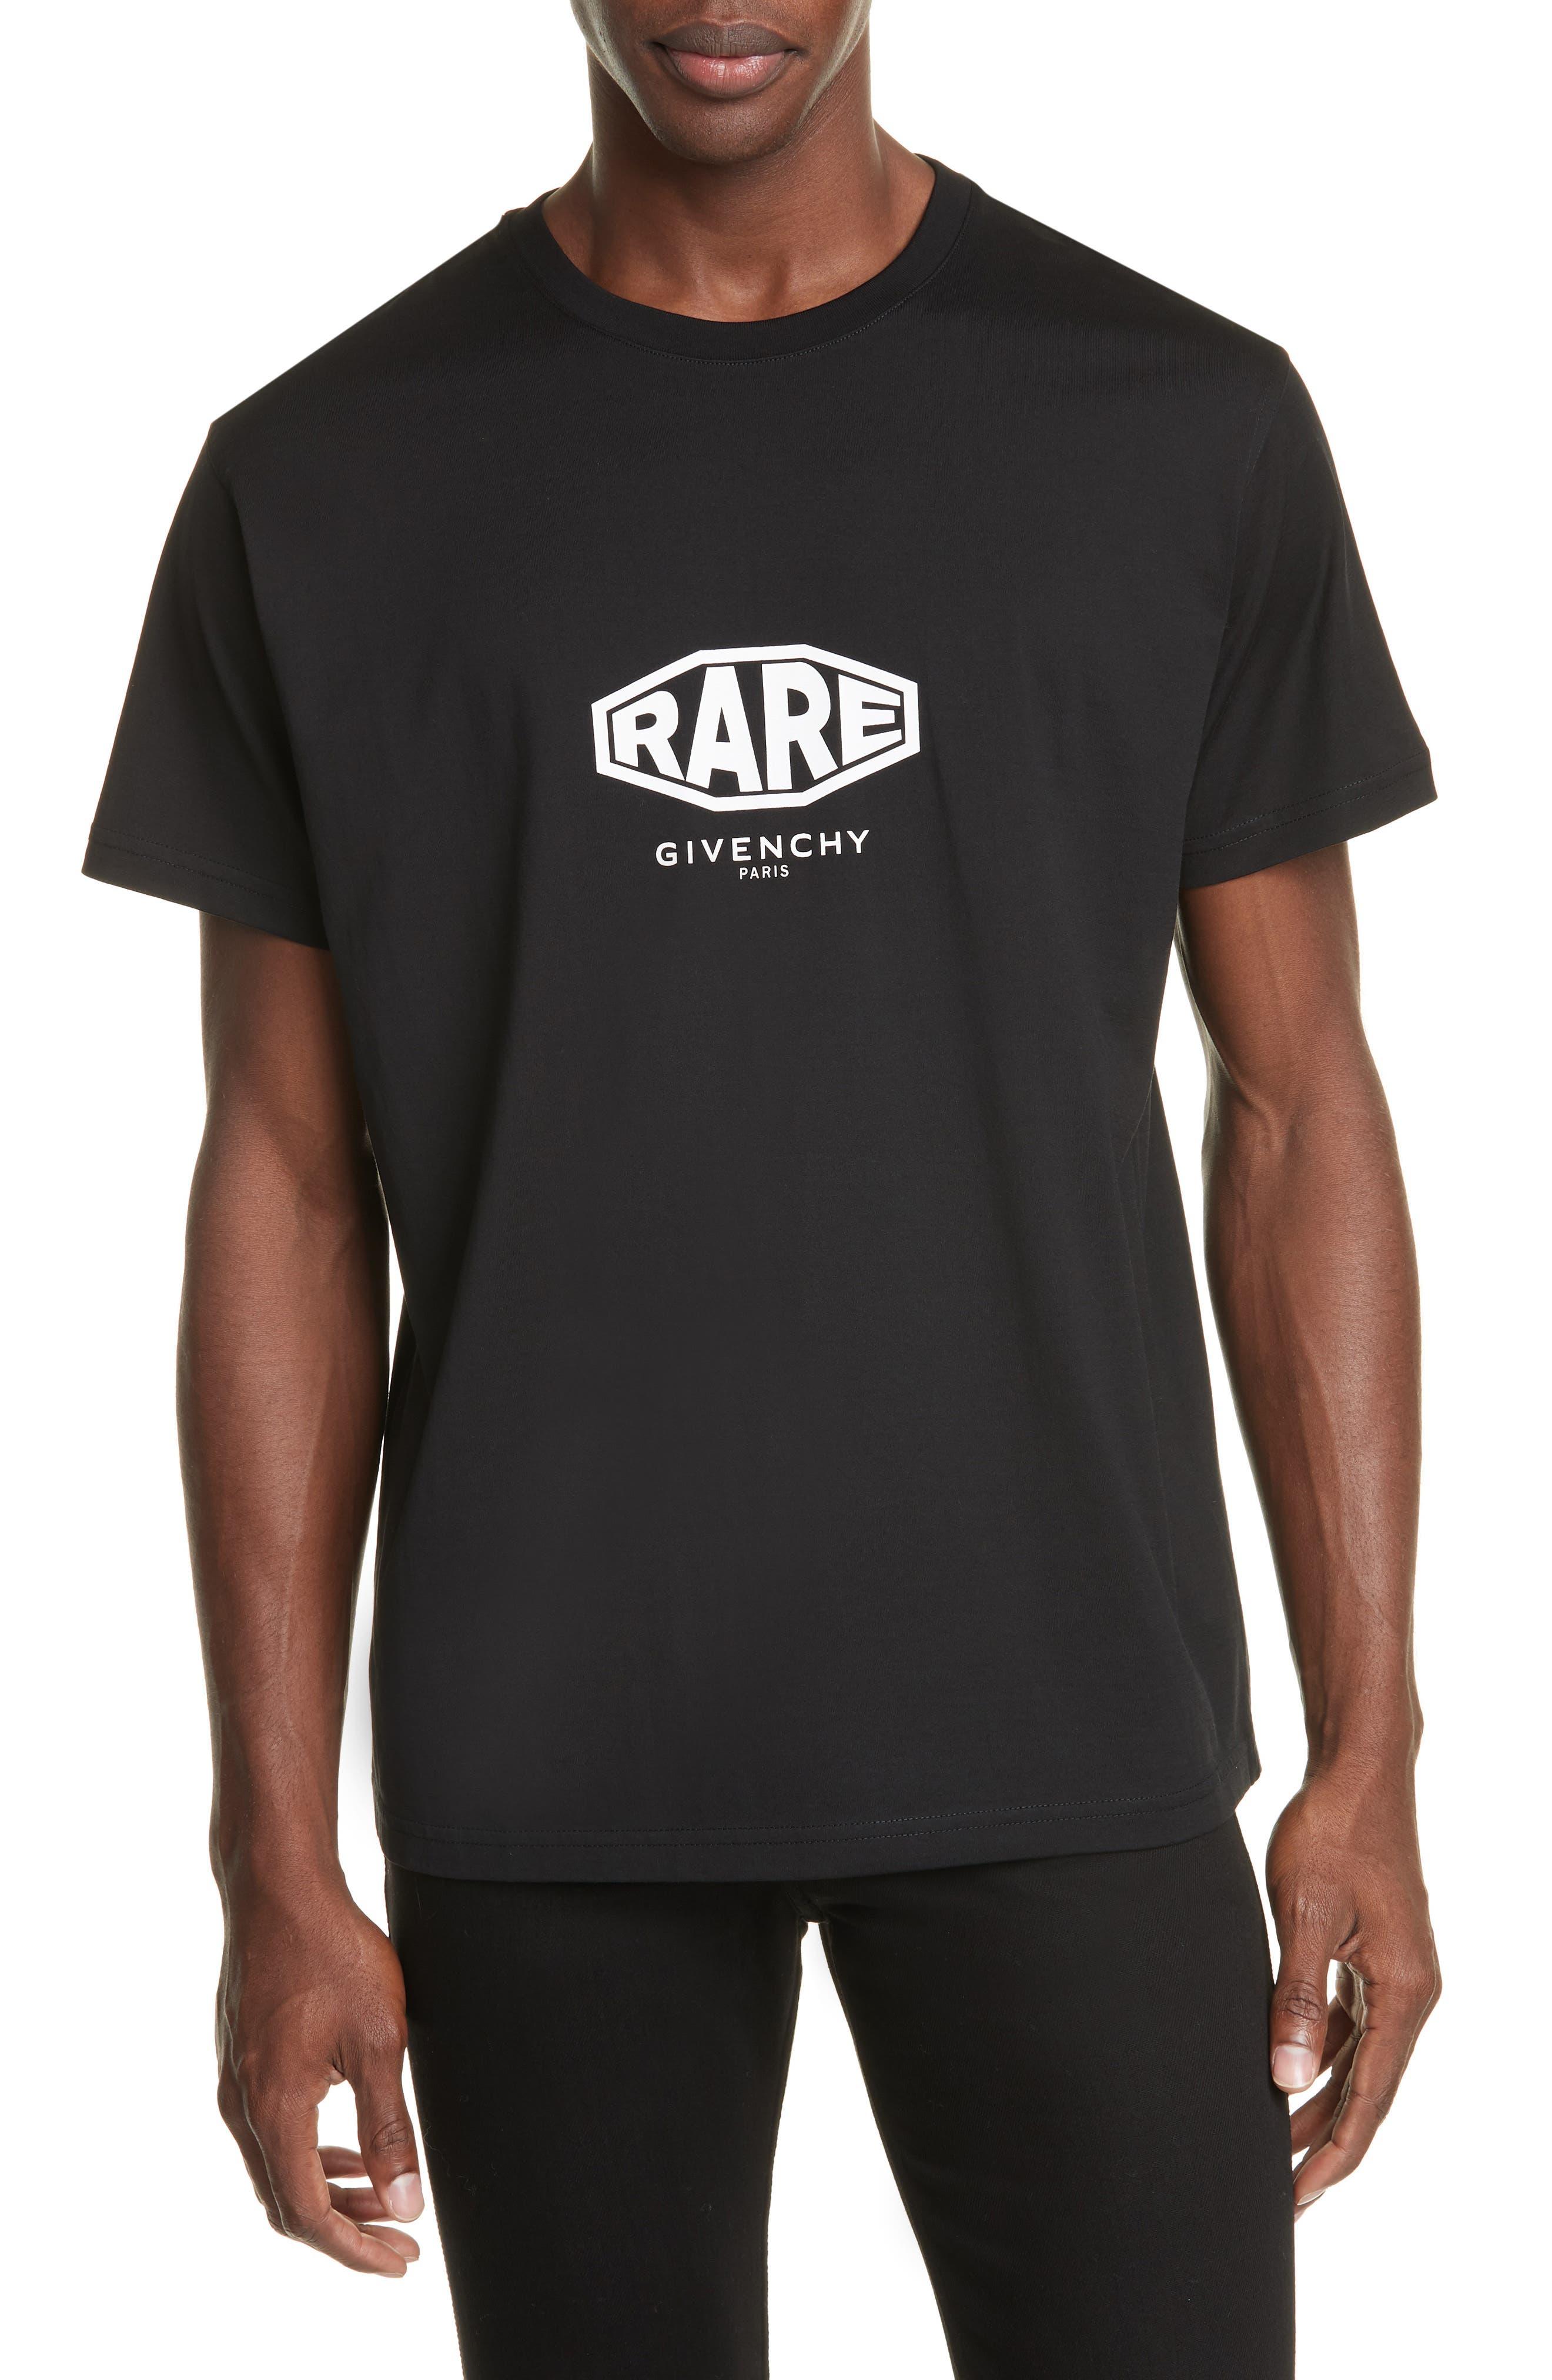 Givenchy T-shirts Rare Regular Fit T-Shirt